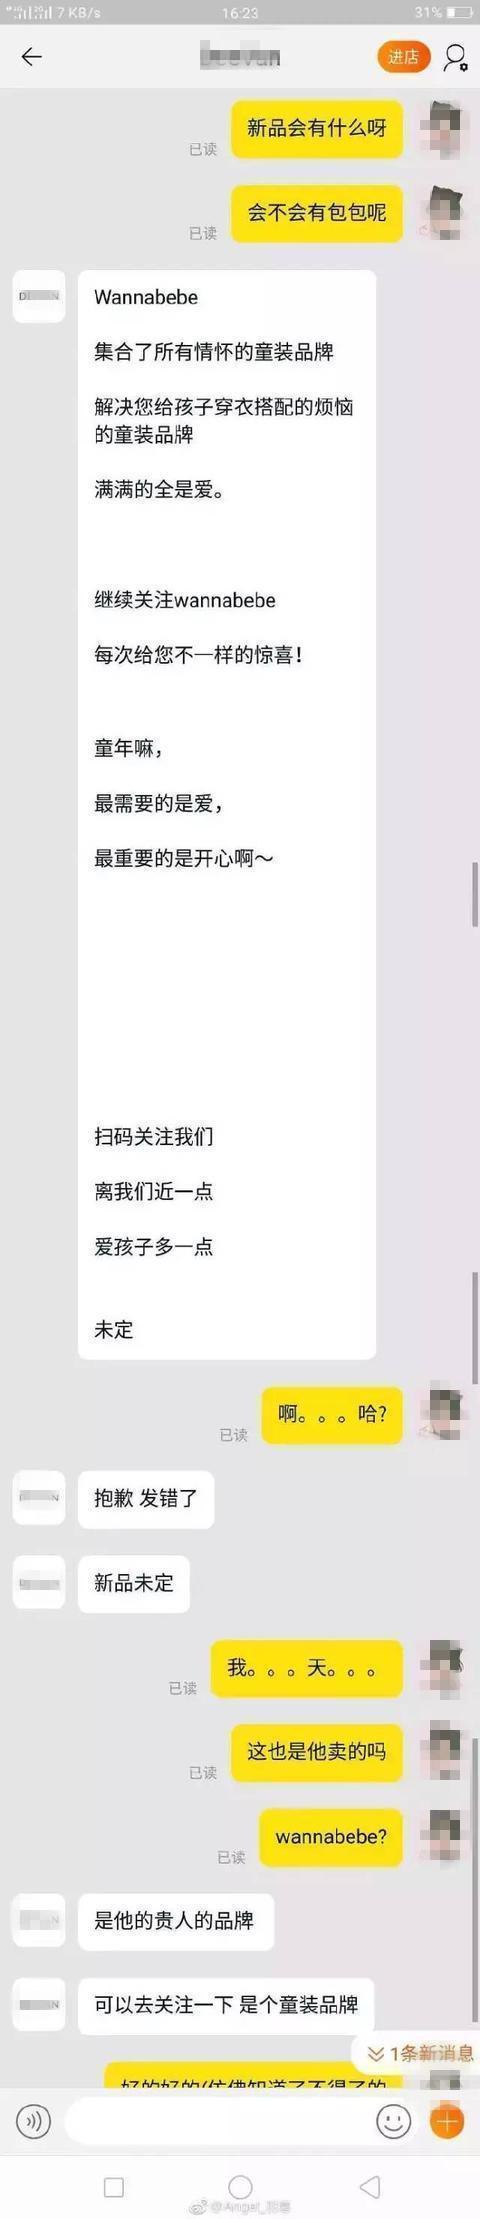 PGone与李小璐还有联系?共用一个网店团队,称李小璐是贵人!